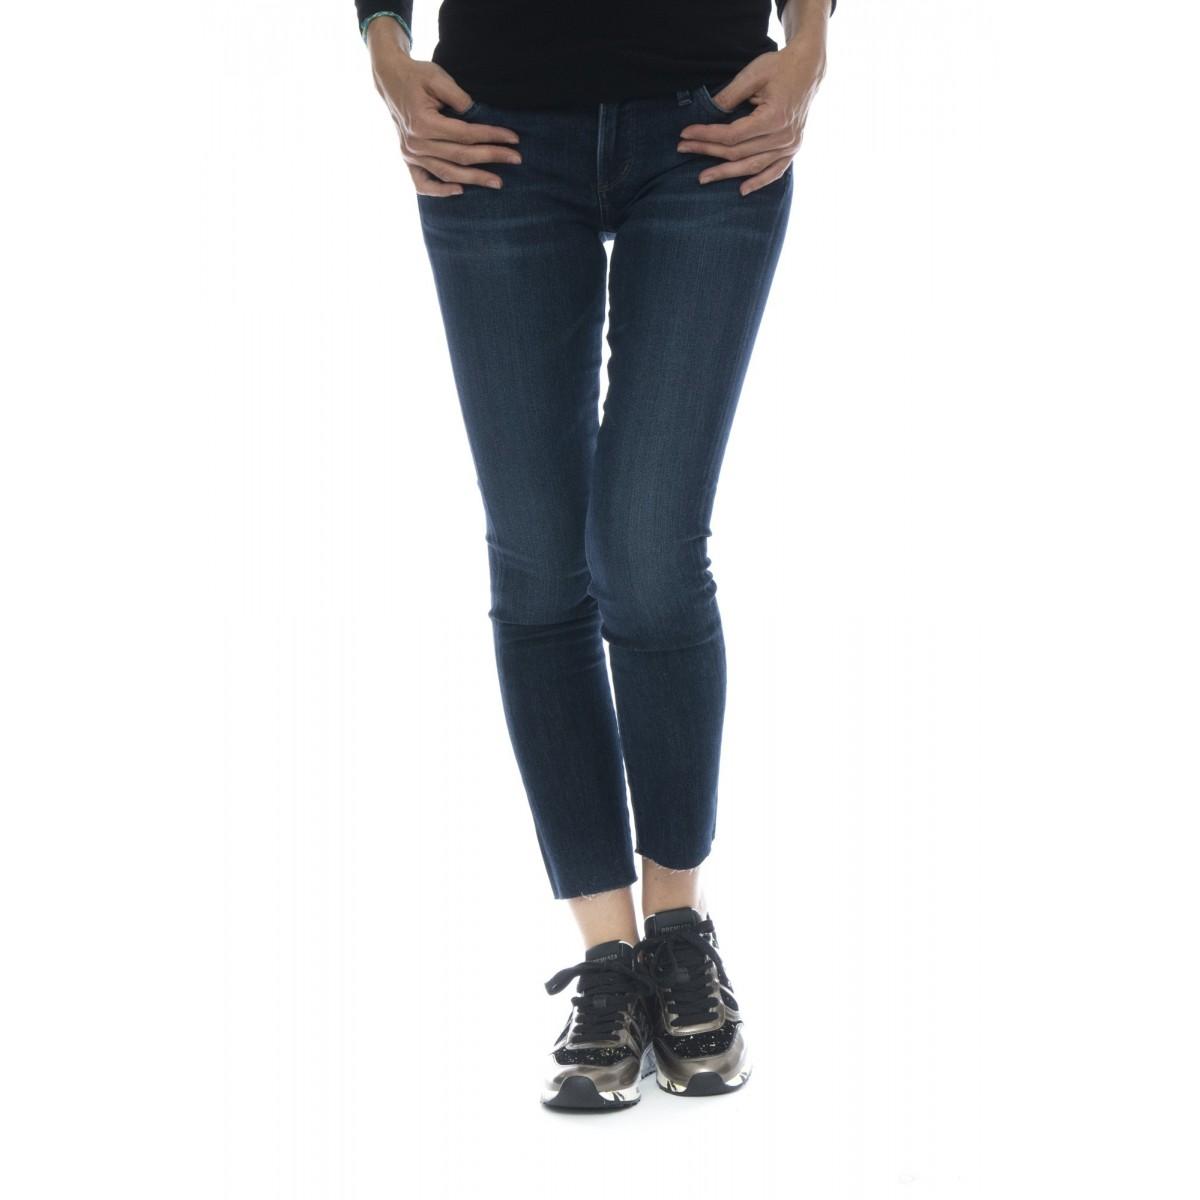 Jeans - Avedon cruz 1572b-589